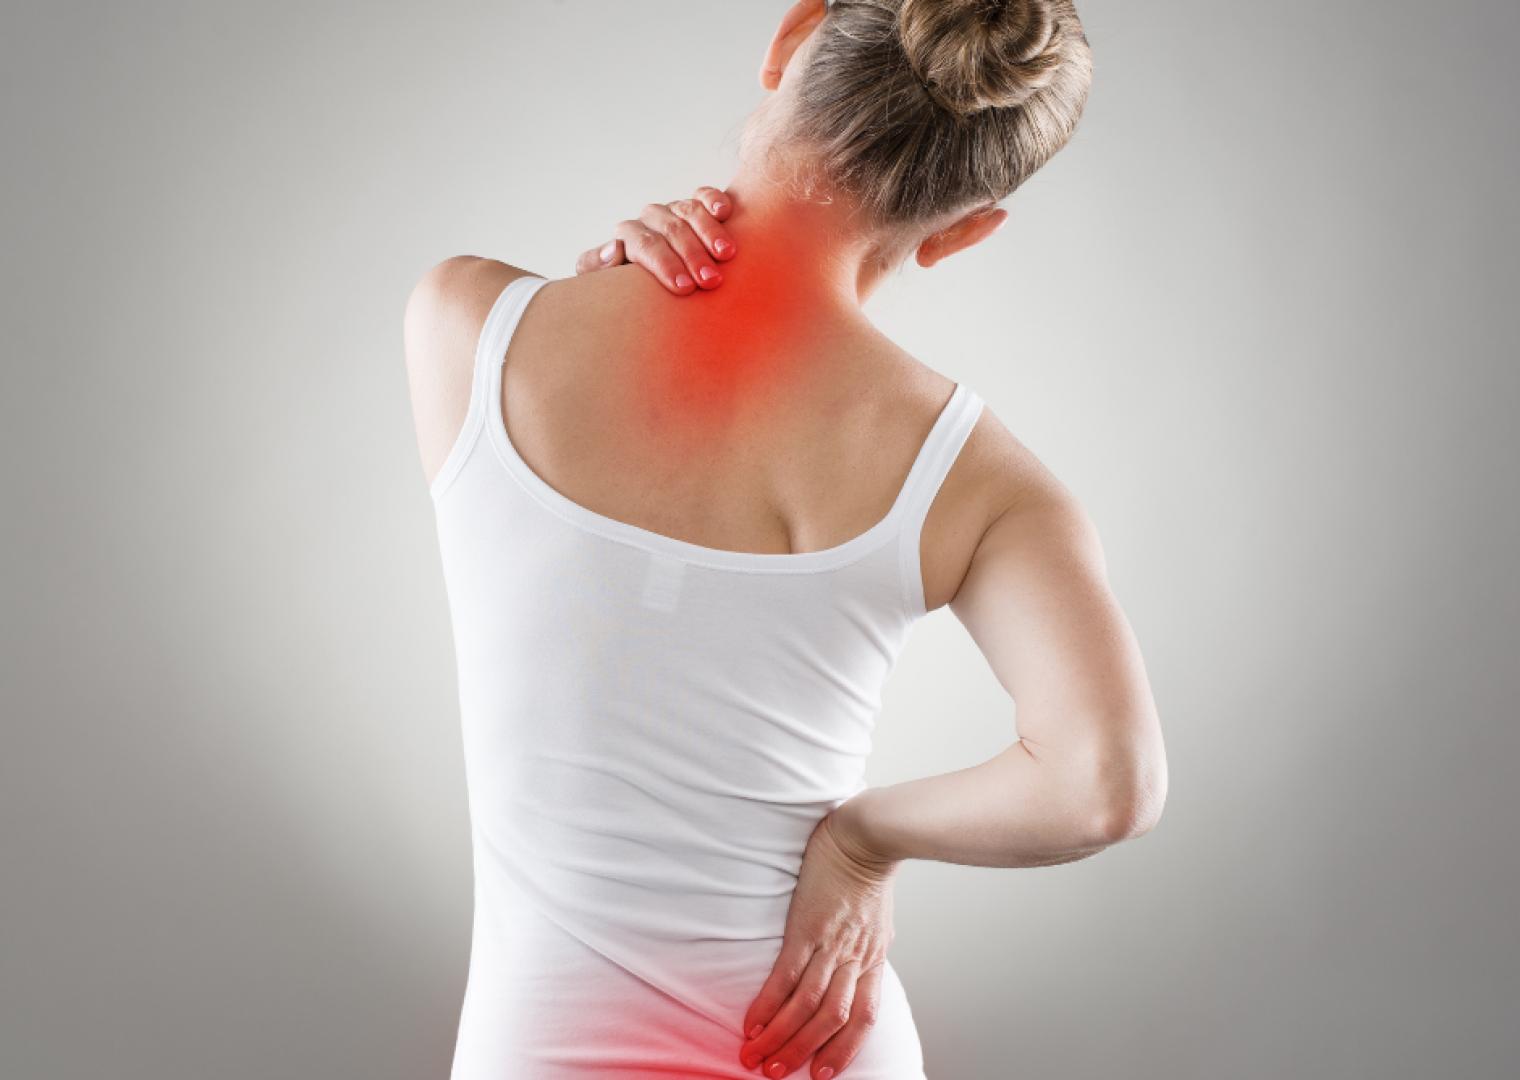 Tugev valu puusaliigendis on jala kui raviks Algse artroosi ravi alustamine